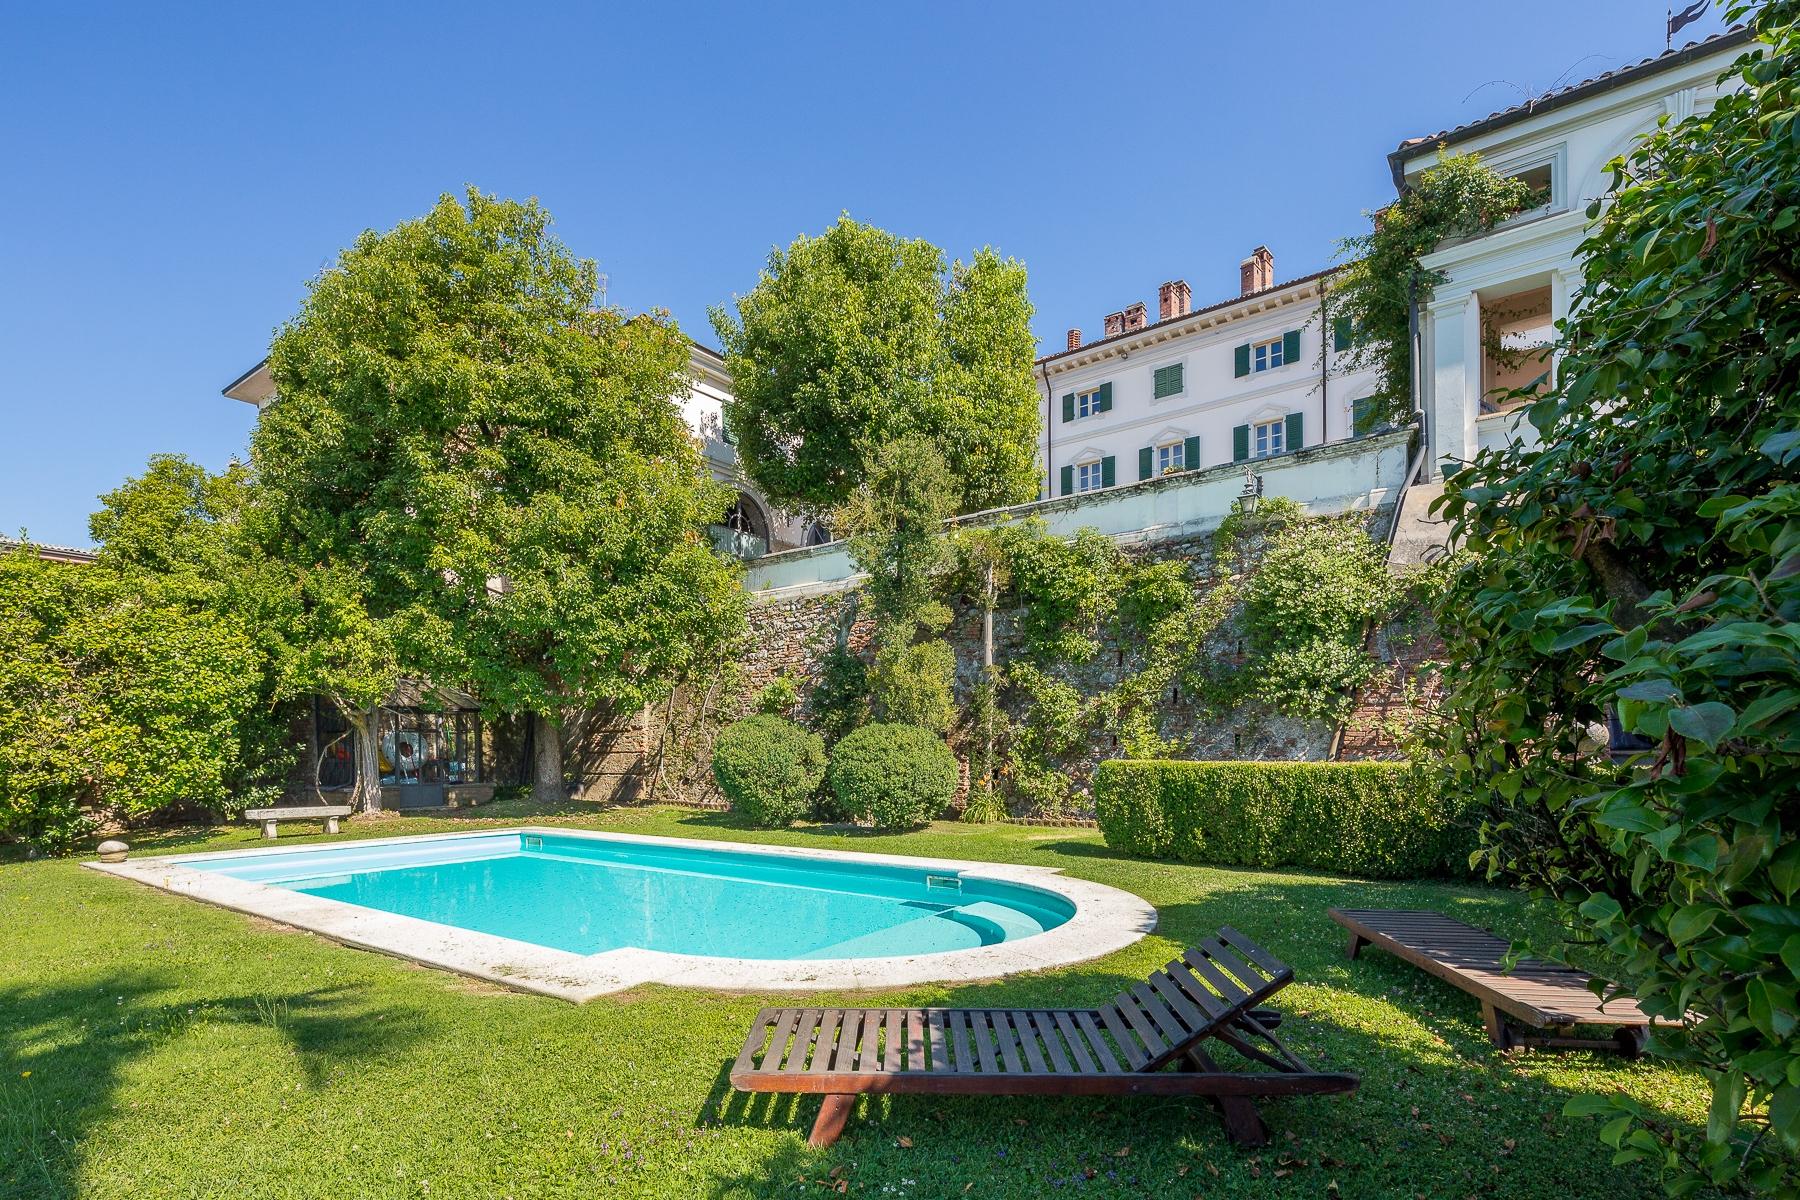 Villa in Vendita a Bogogno: 5 locali, 580 mq - Foto 6